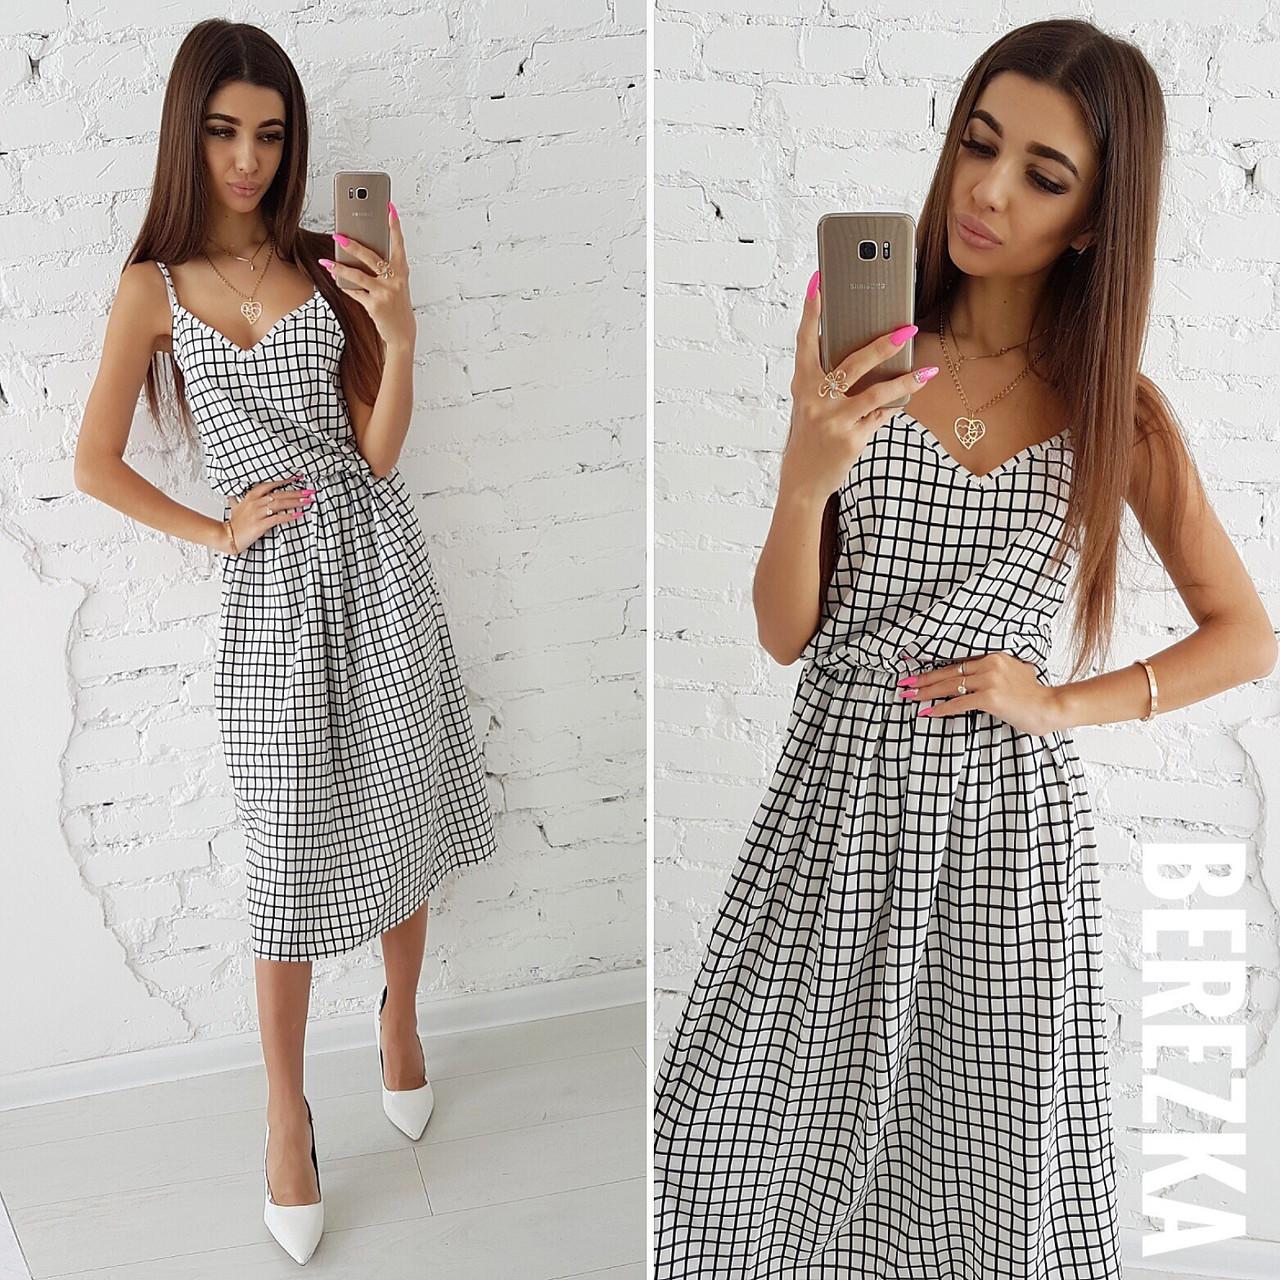 1d84e3317a1 Легкое летнее платье на бретельках ниже колена 66031734 - Интернет-магазин  одежды